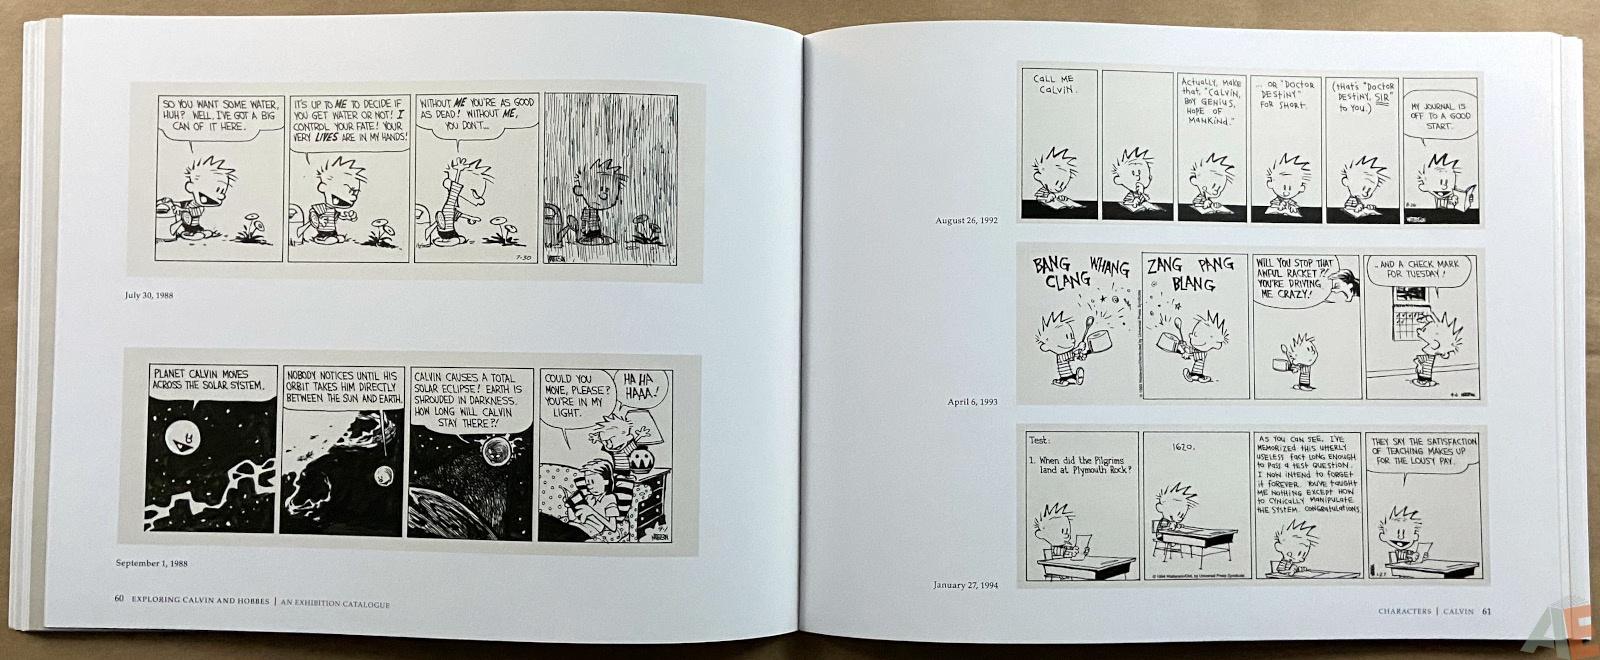 Exploring Calvin and Hobbes An Exhibition Catalogue interior 3